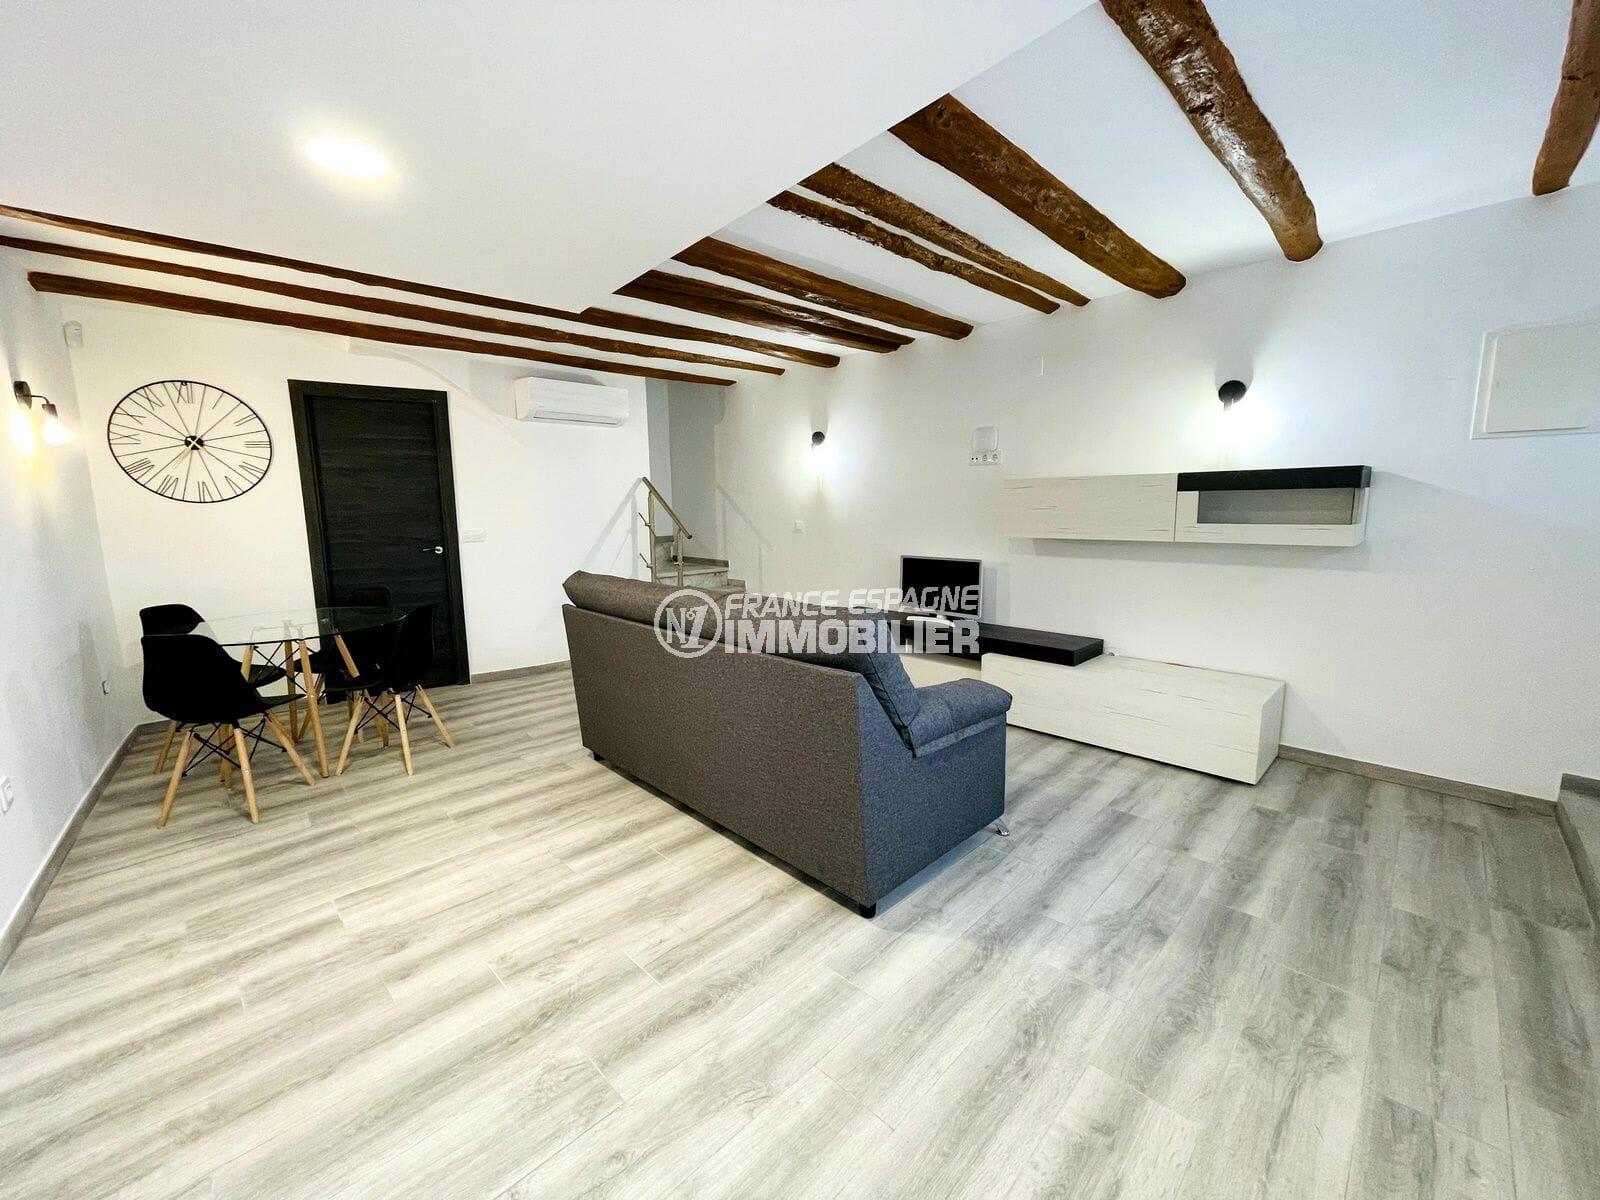 maison a vendre a rosas, 3 chambres 102 m², joli salon / salle à manger avec cuisine ouverte, plage 250 m et au pied des commerces